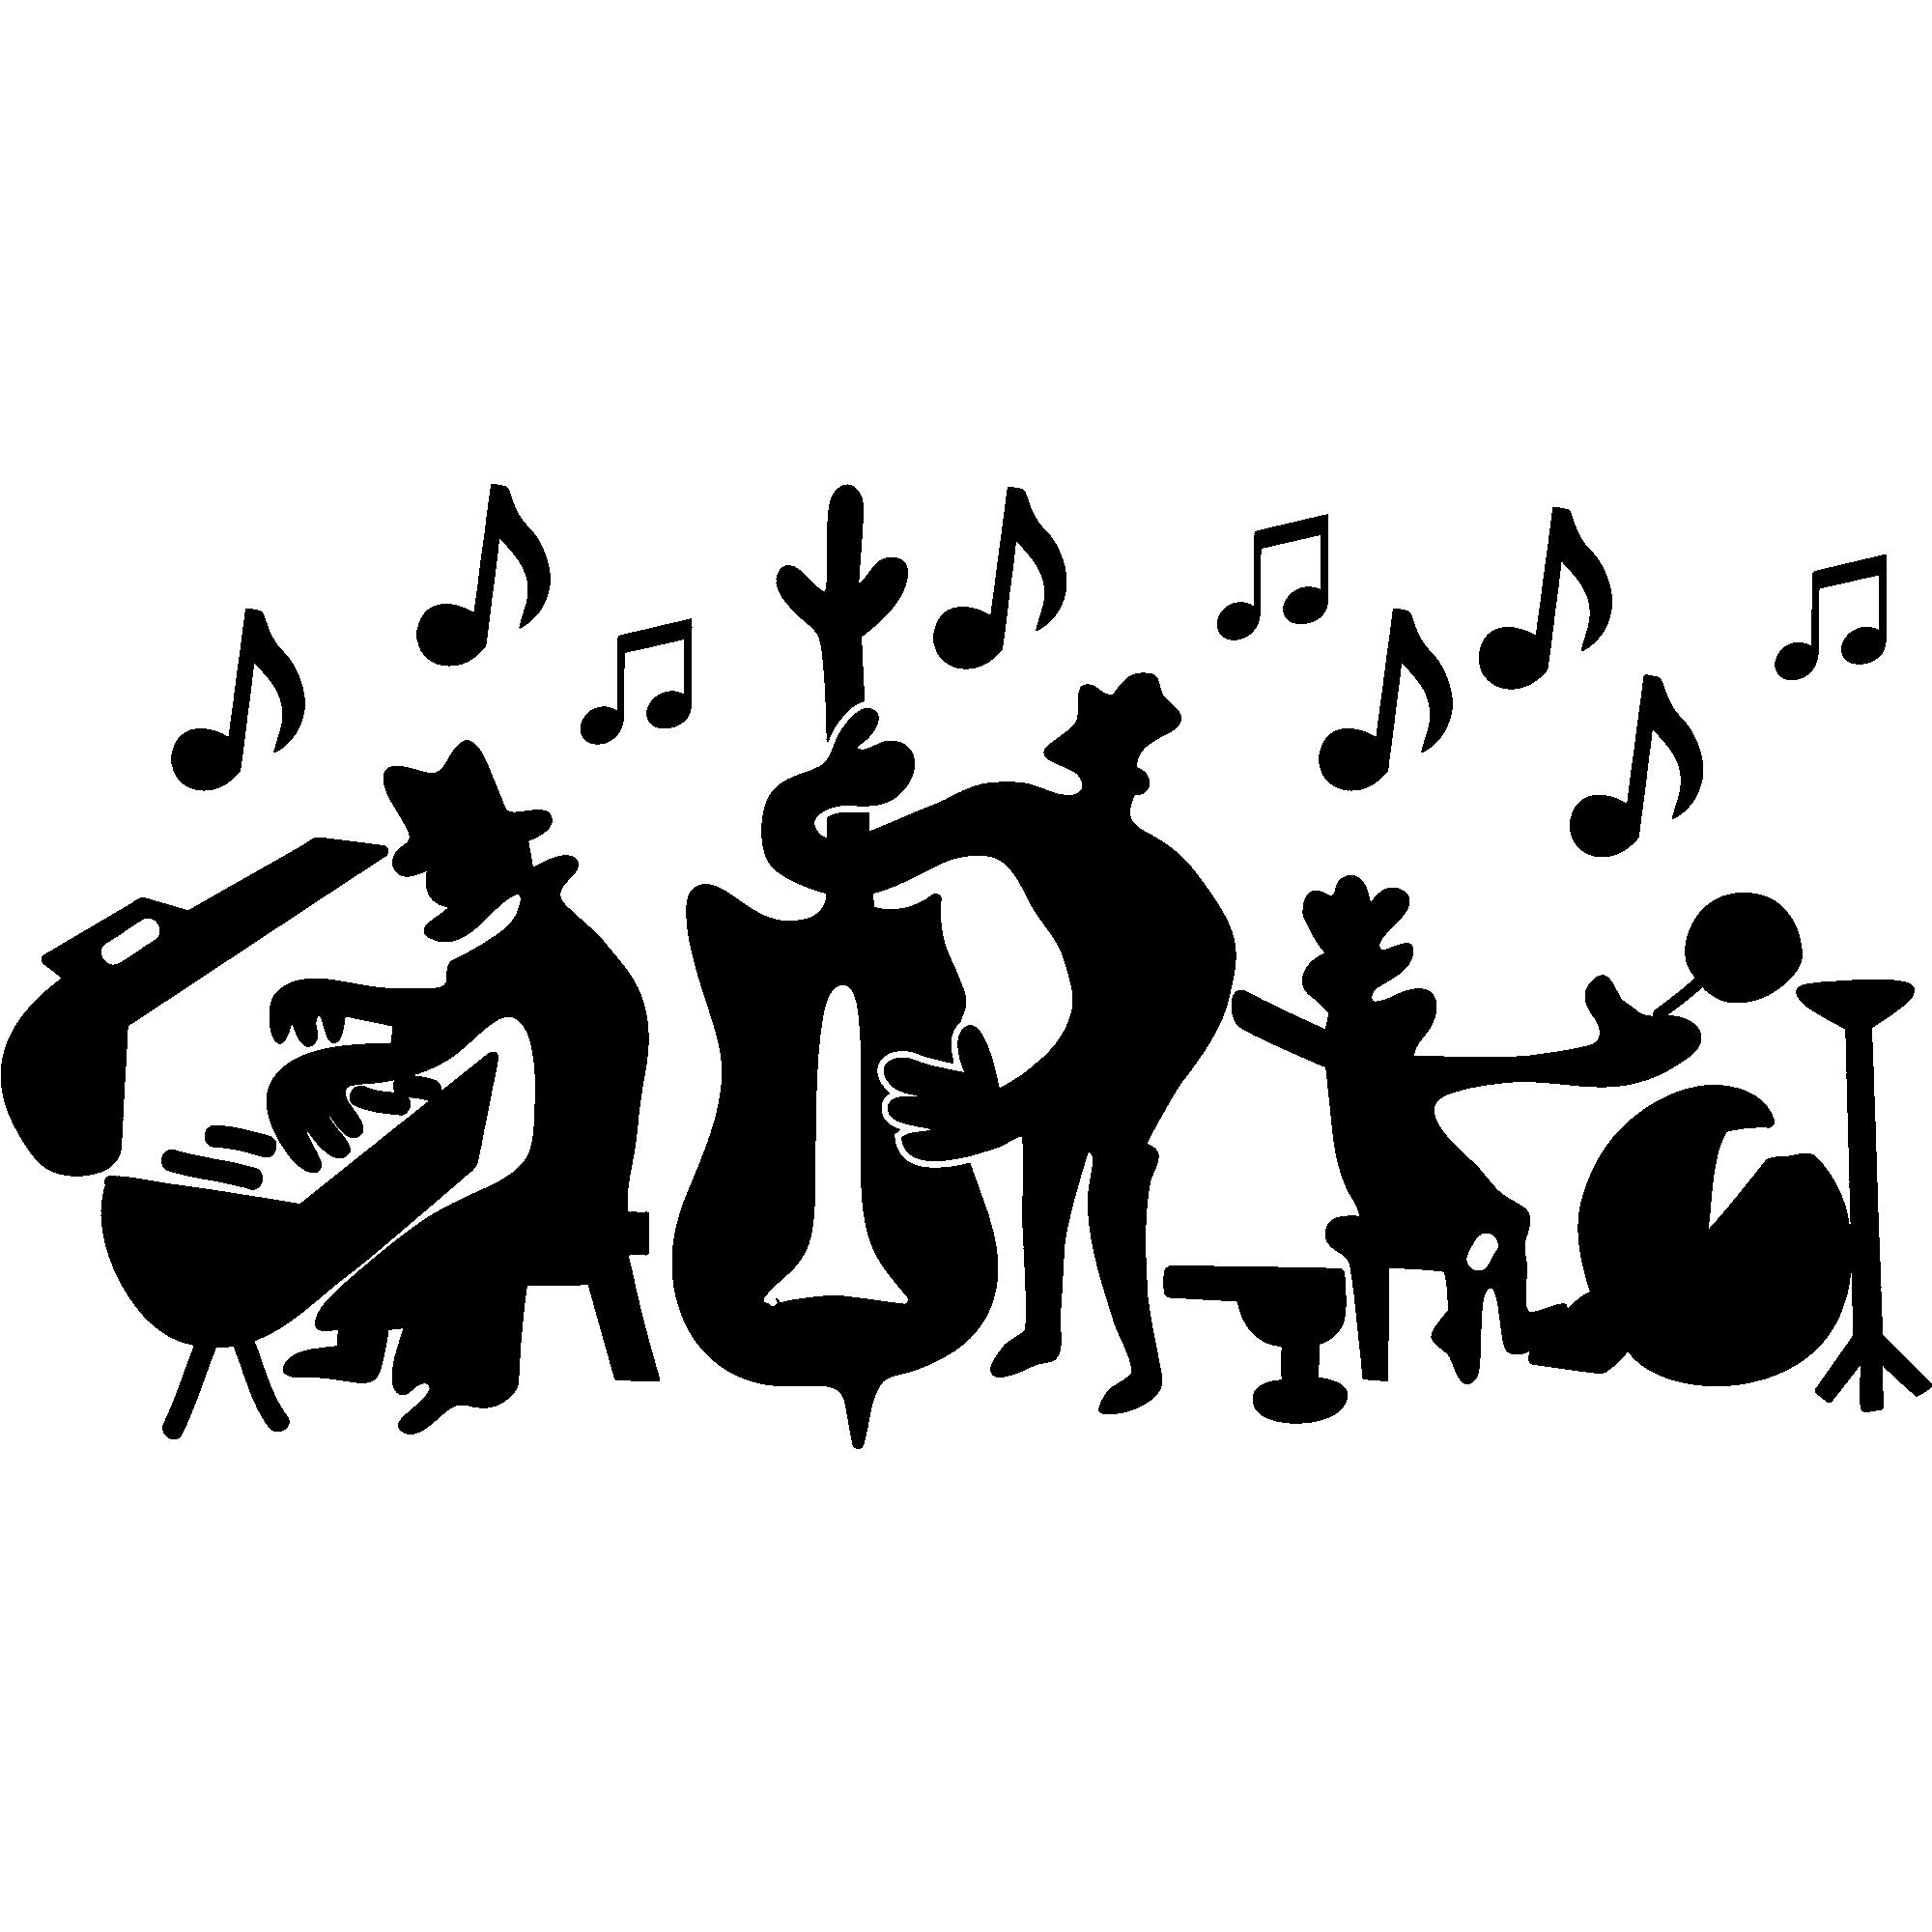 Sticker Groupe de musique – Stickers Musique & Cinema Musique